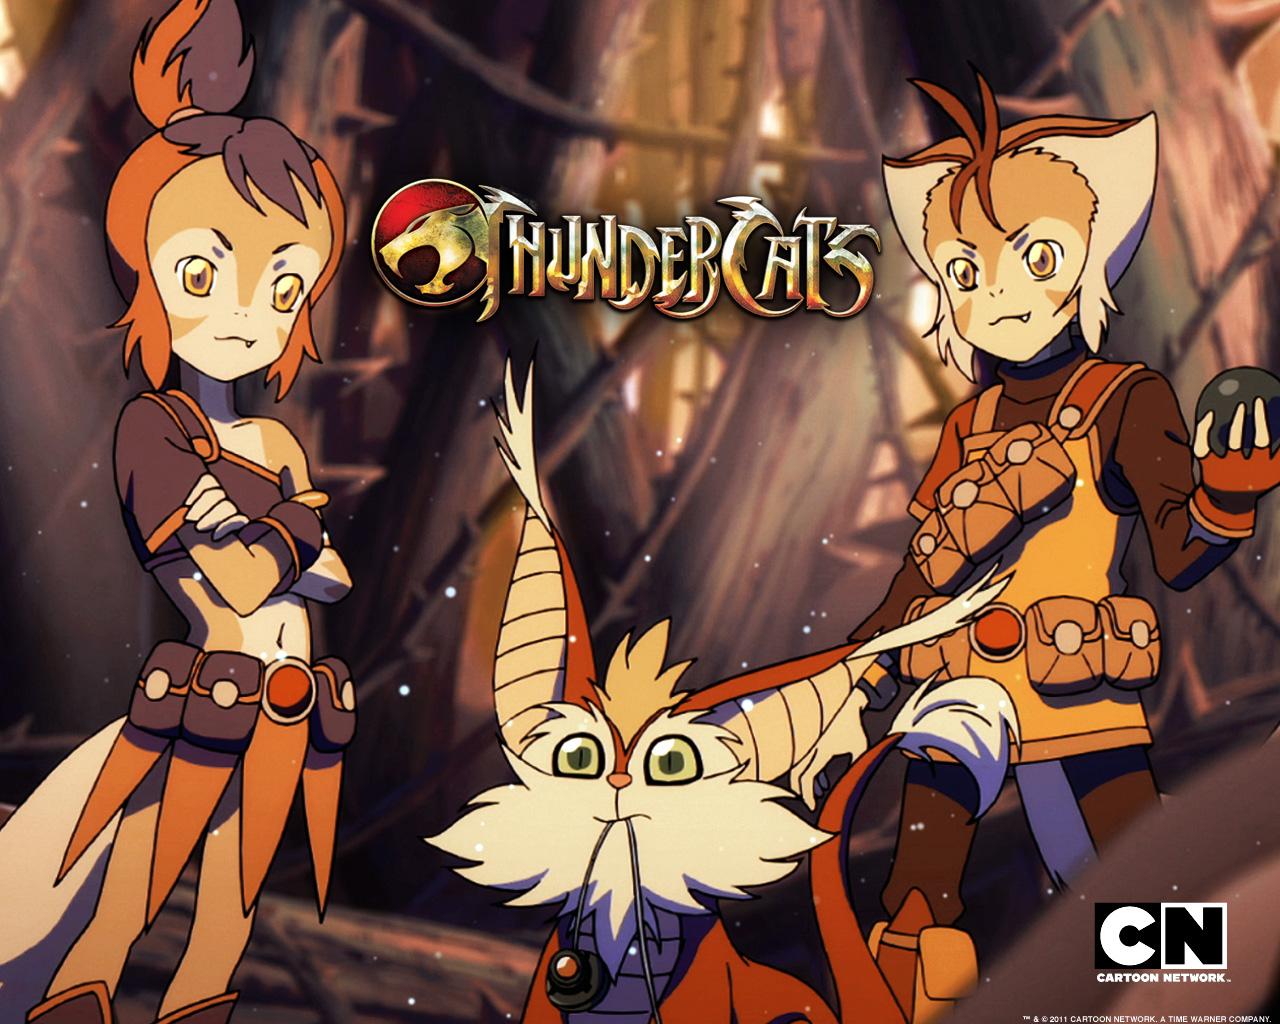 http://collider.com/wp-content/uploads/thundercats-2011-tv-series-wallpaper-01.jpg